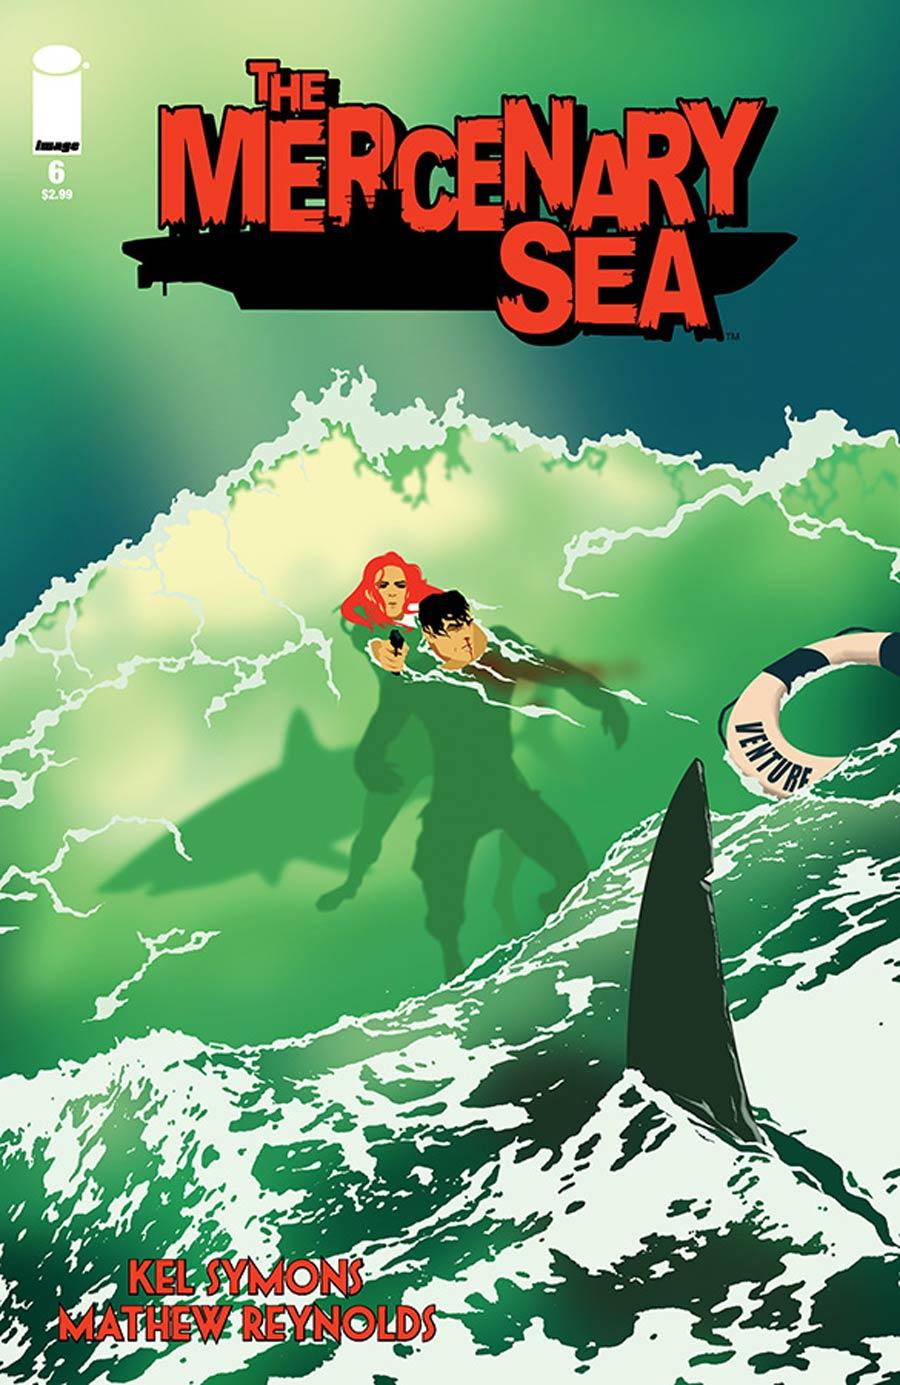 Mercenary Sea #6